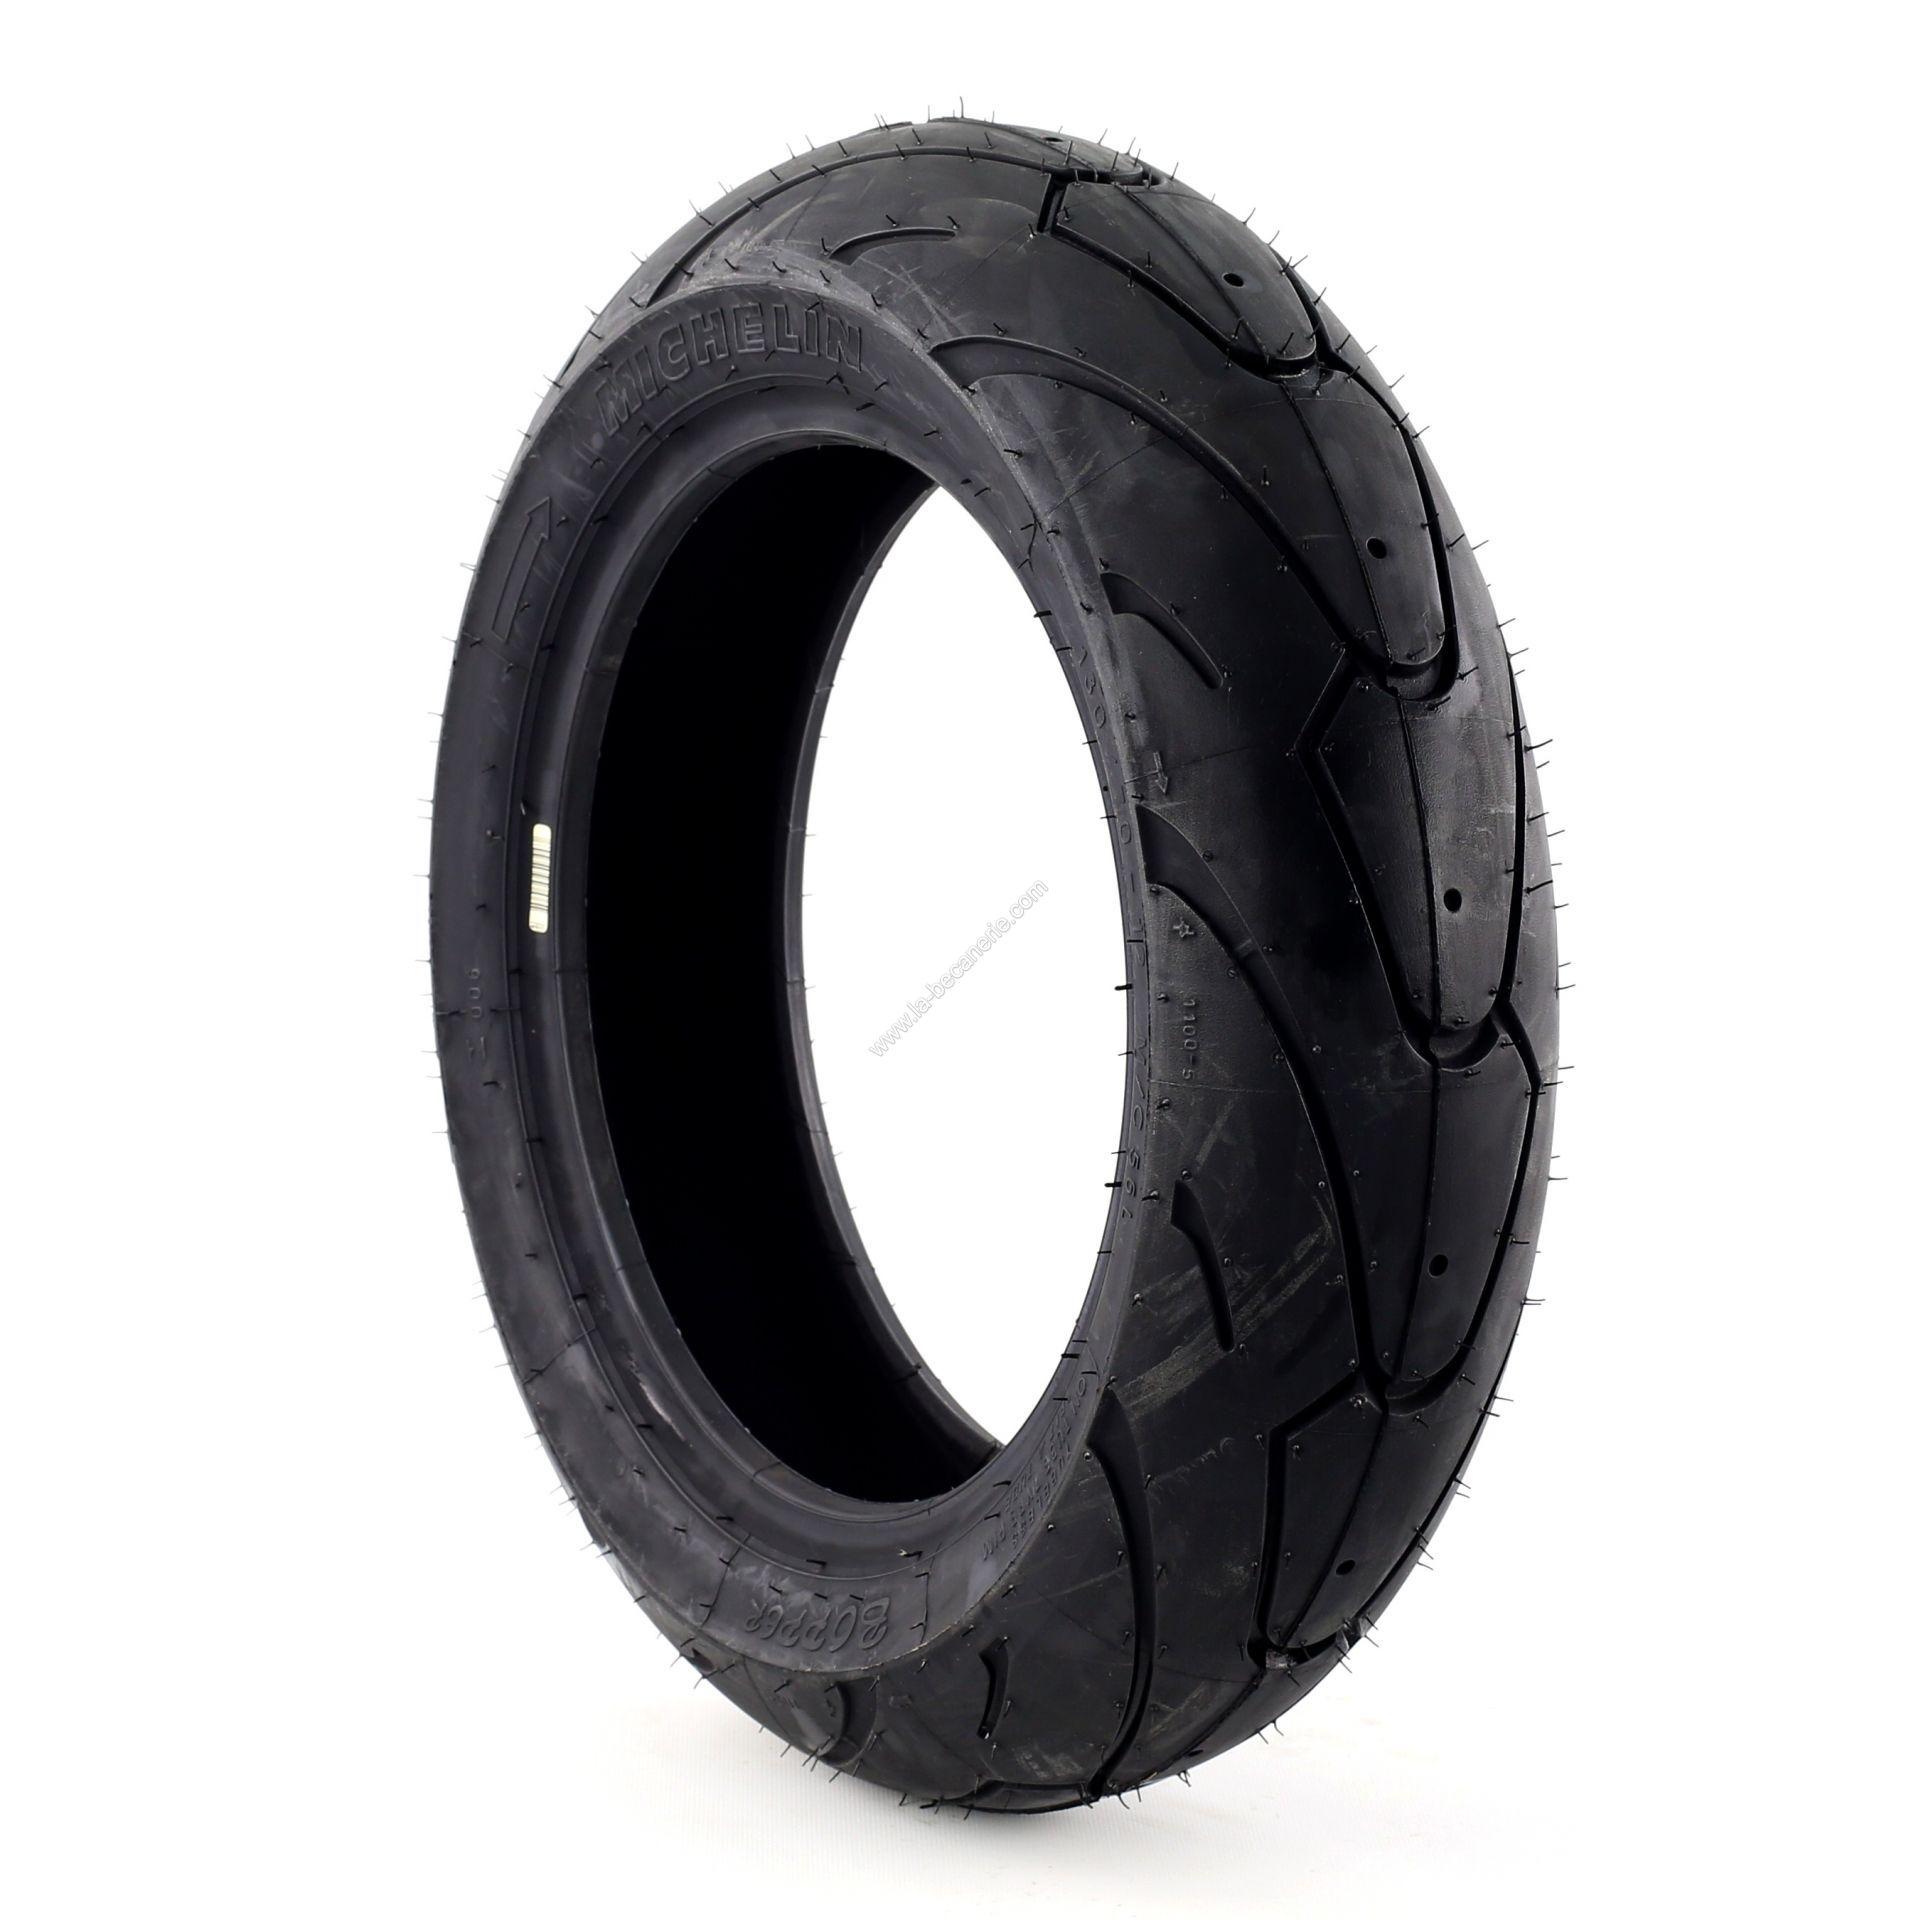 Combien de temps faut-il pour changer les pneus du scooter?